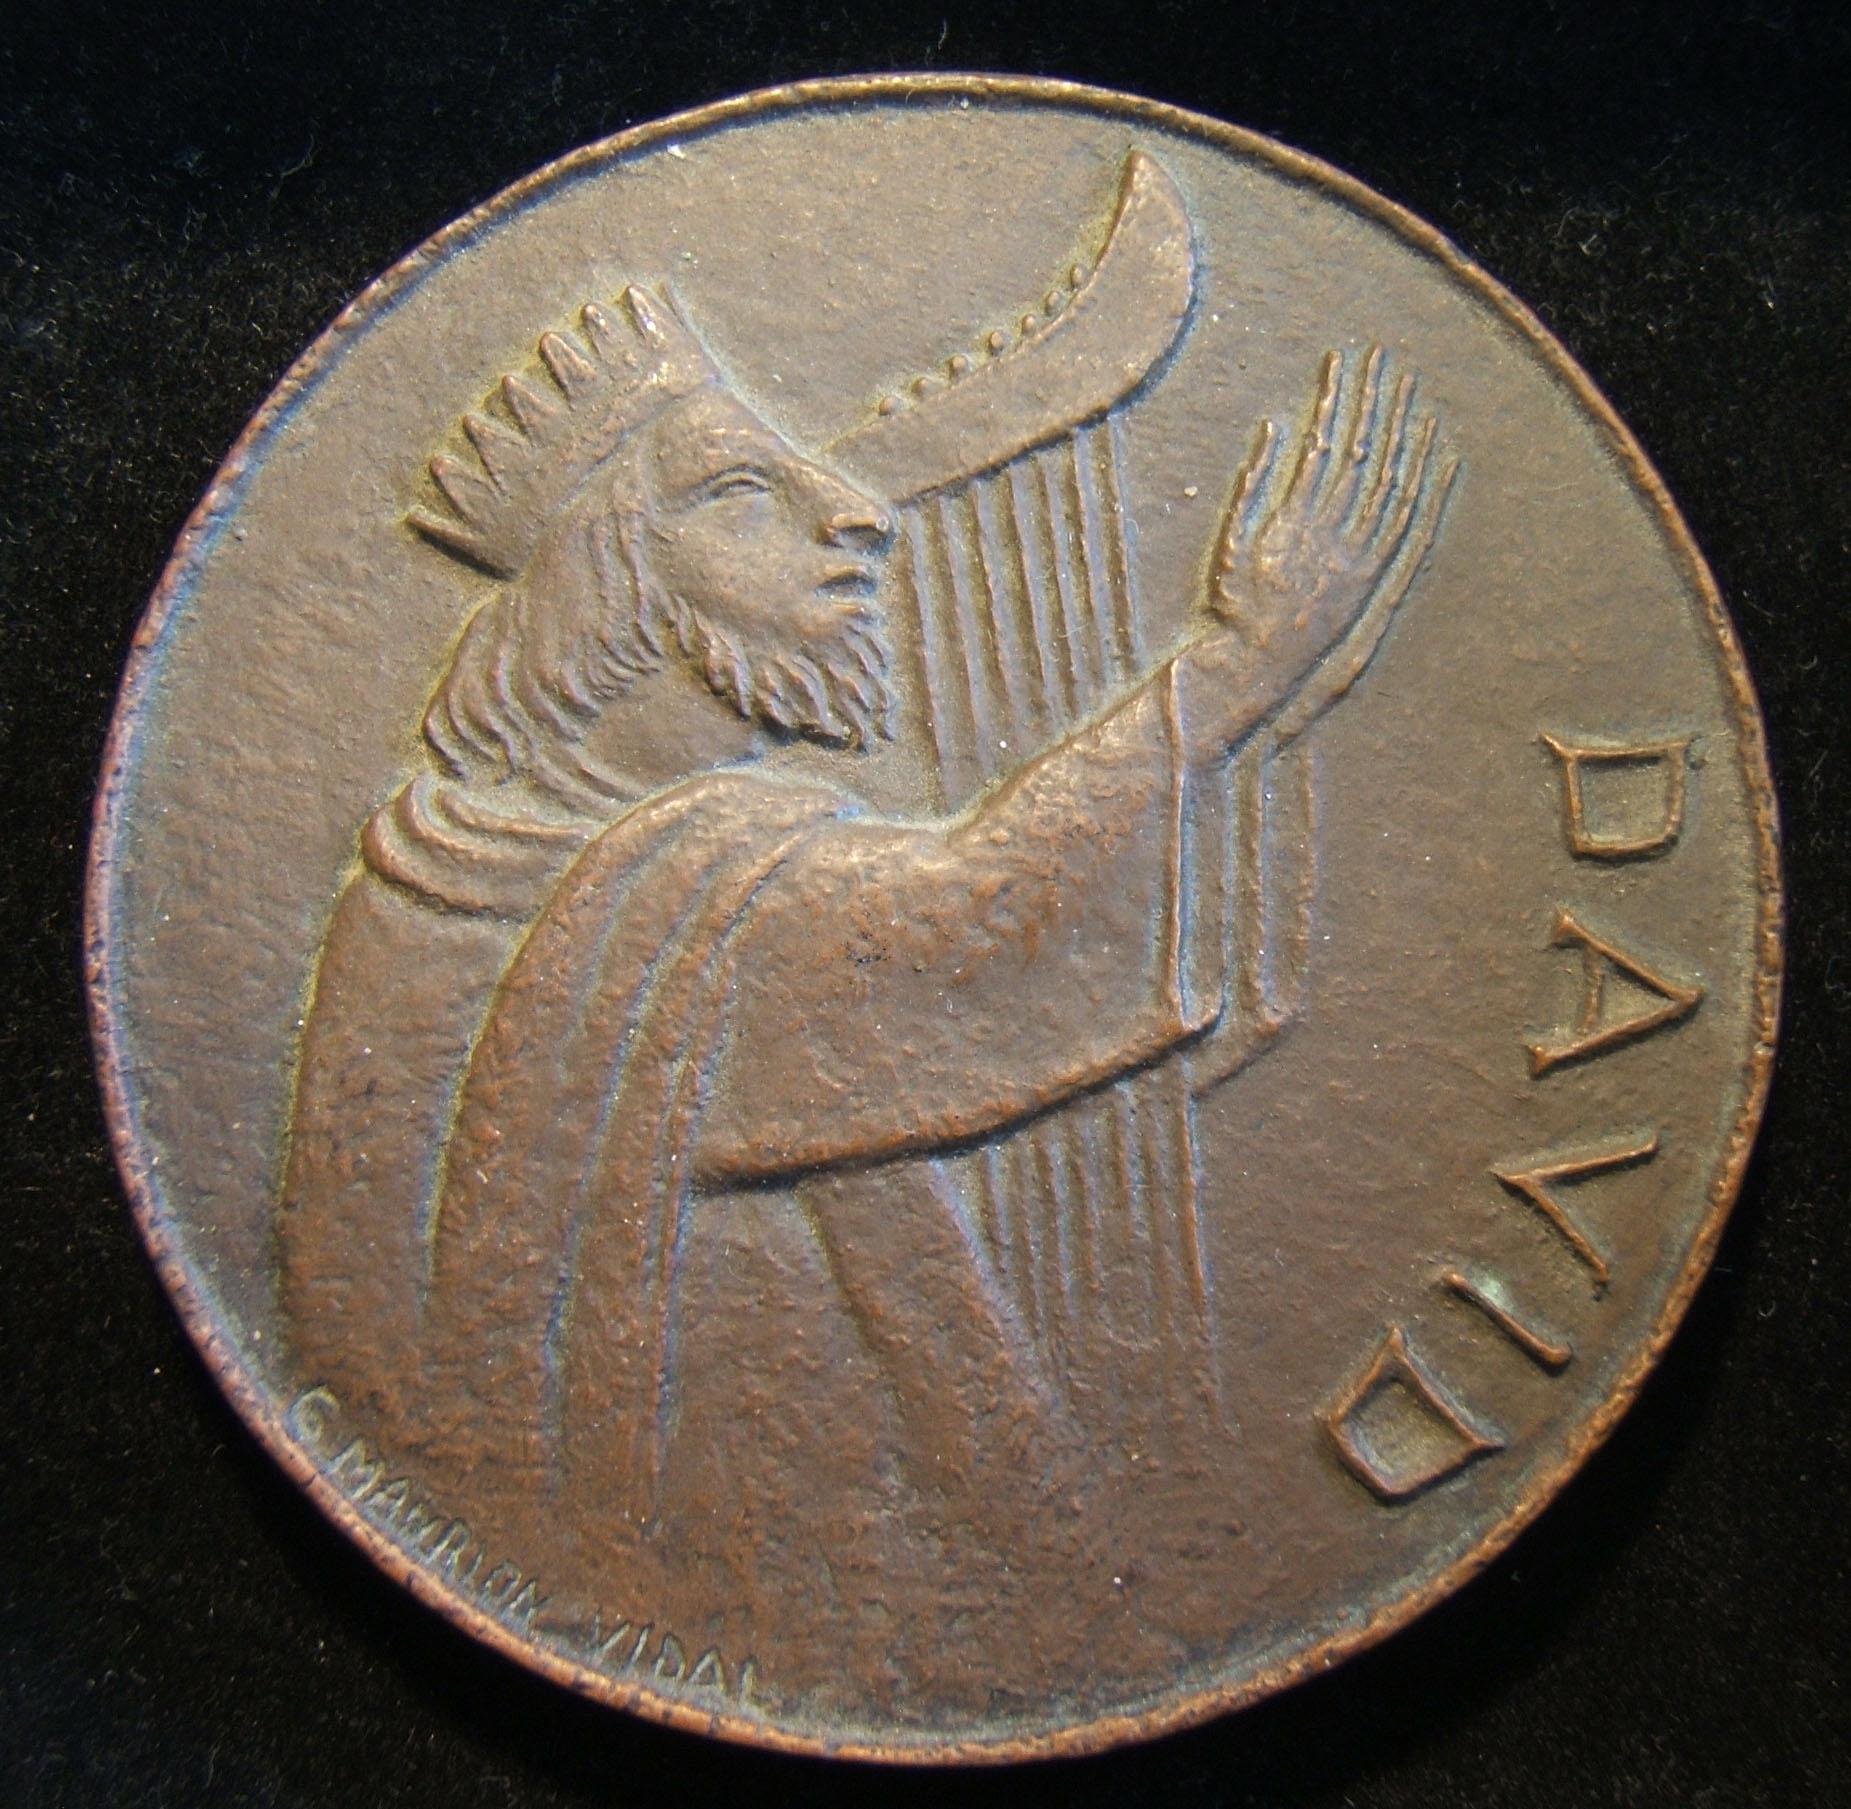 France: cast medal of